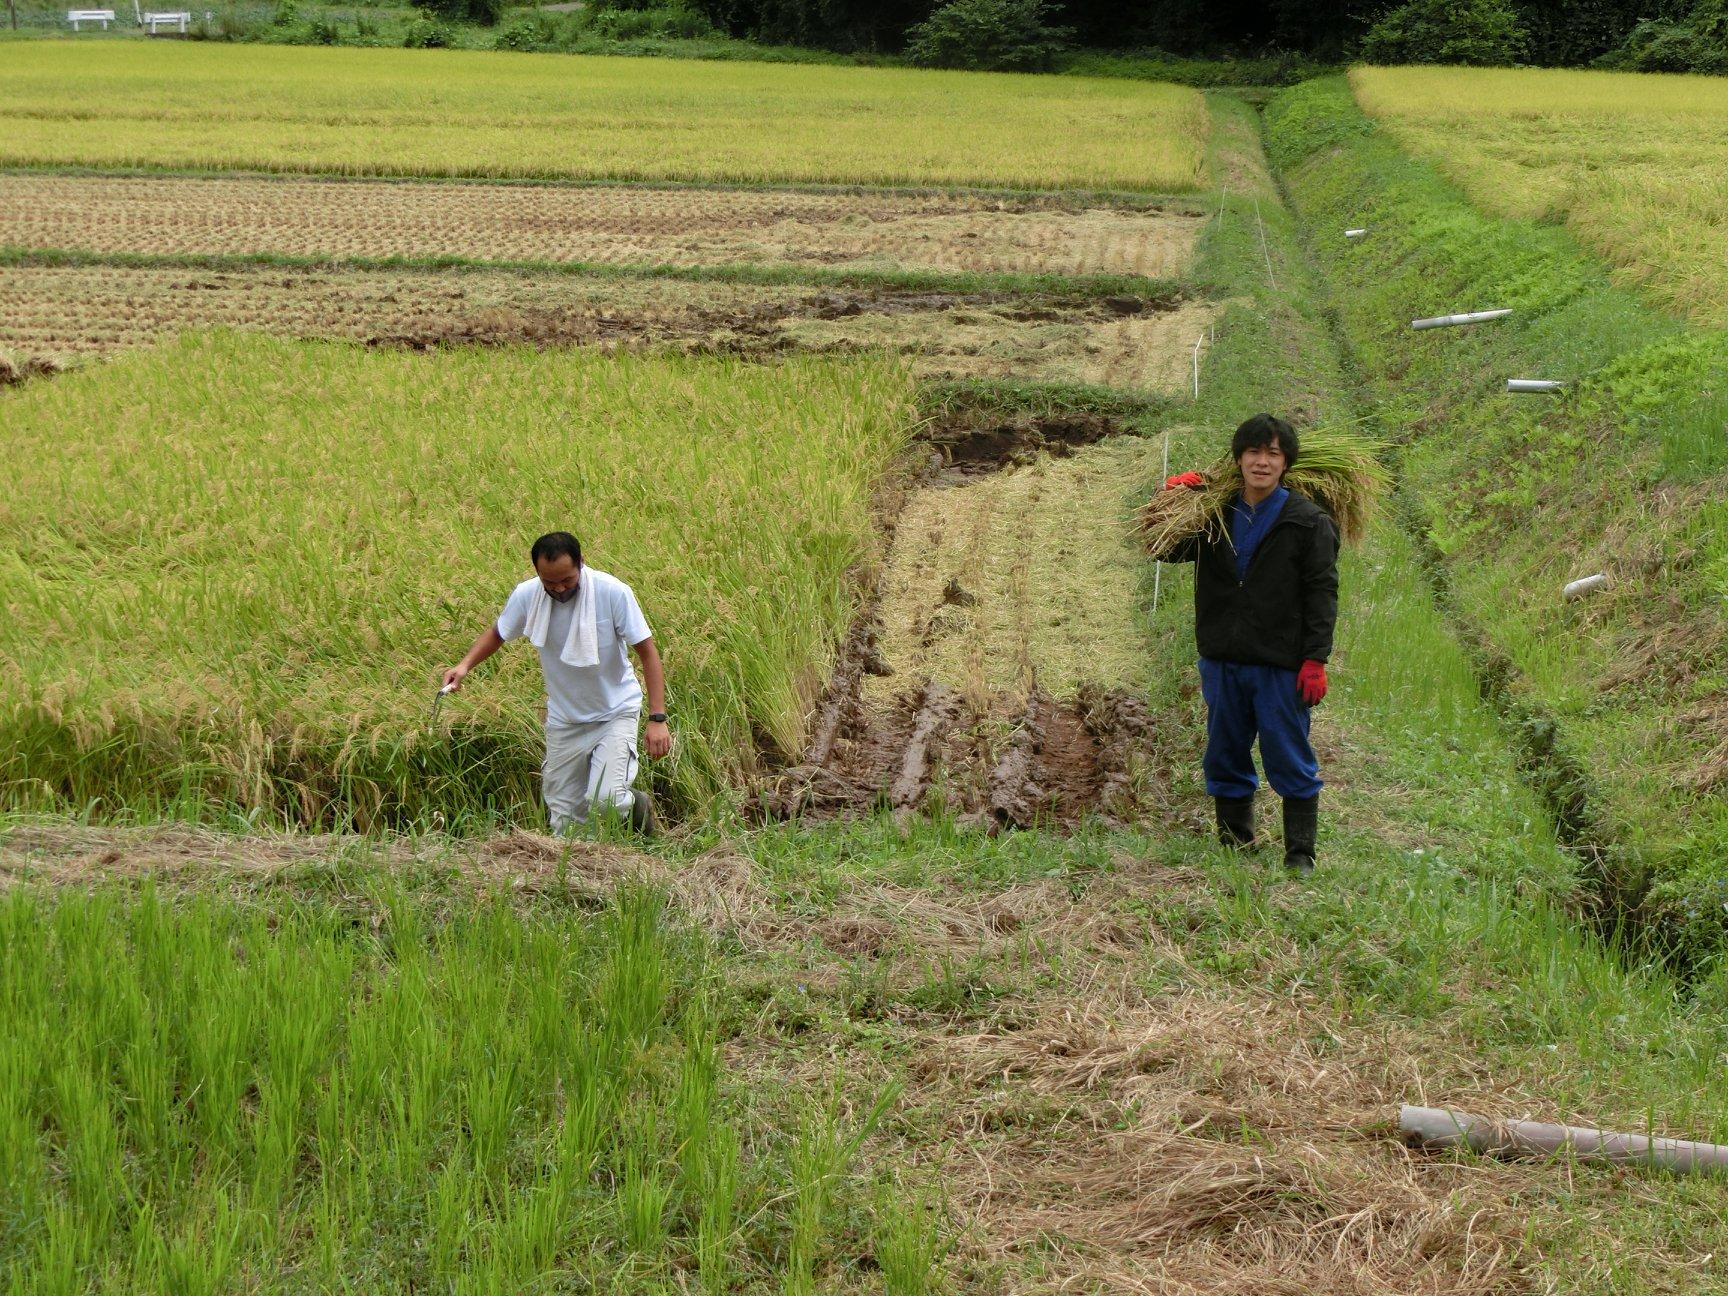 令和2年9月20日 坪沼地区で稲刈り作業がはじまりました。